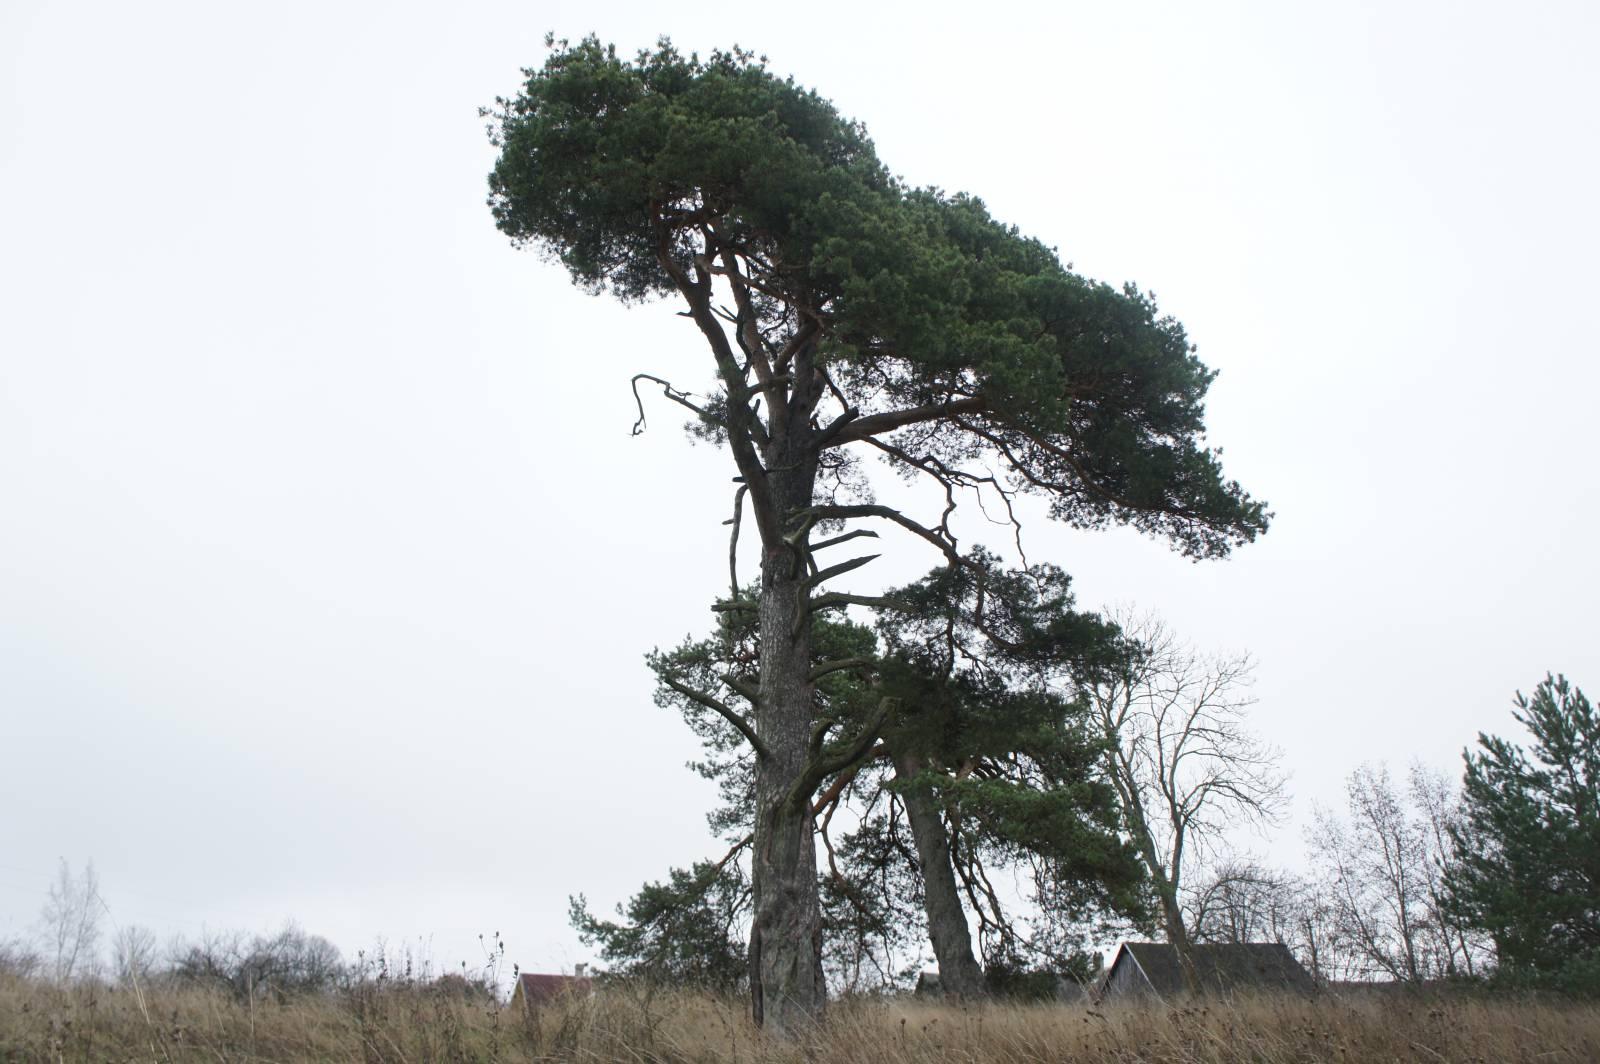 Pyhäpuu